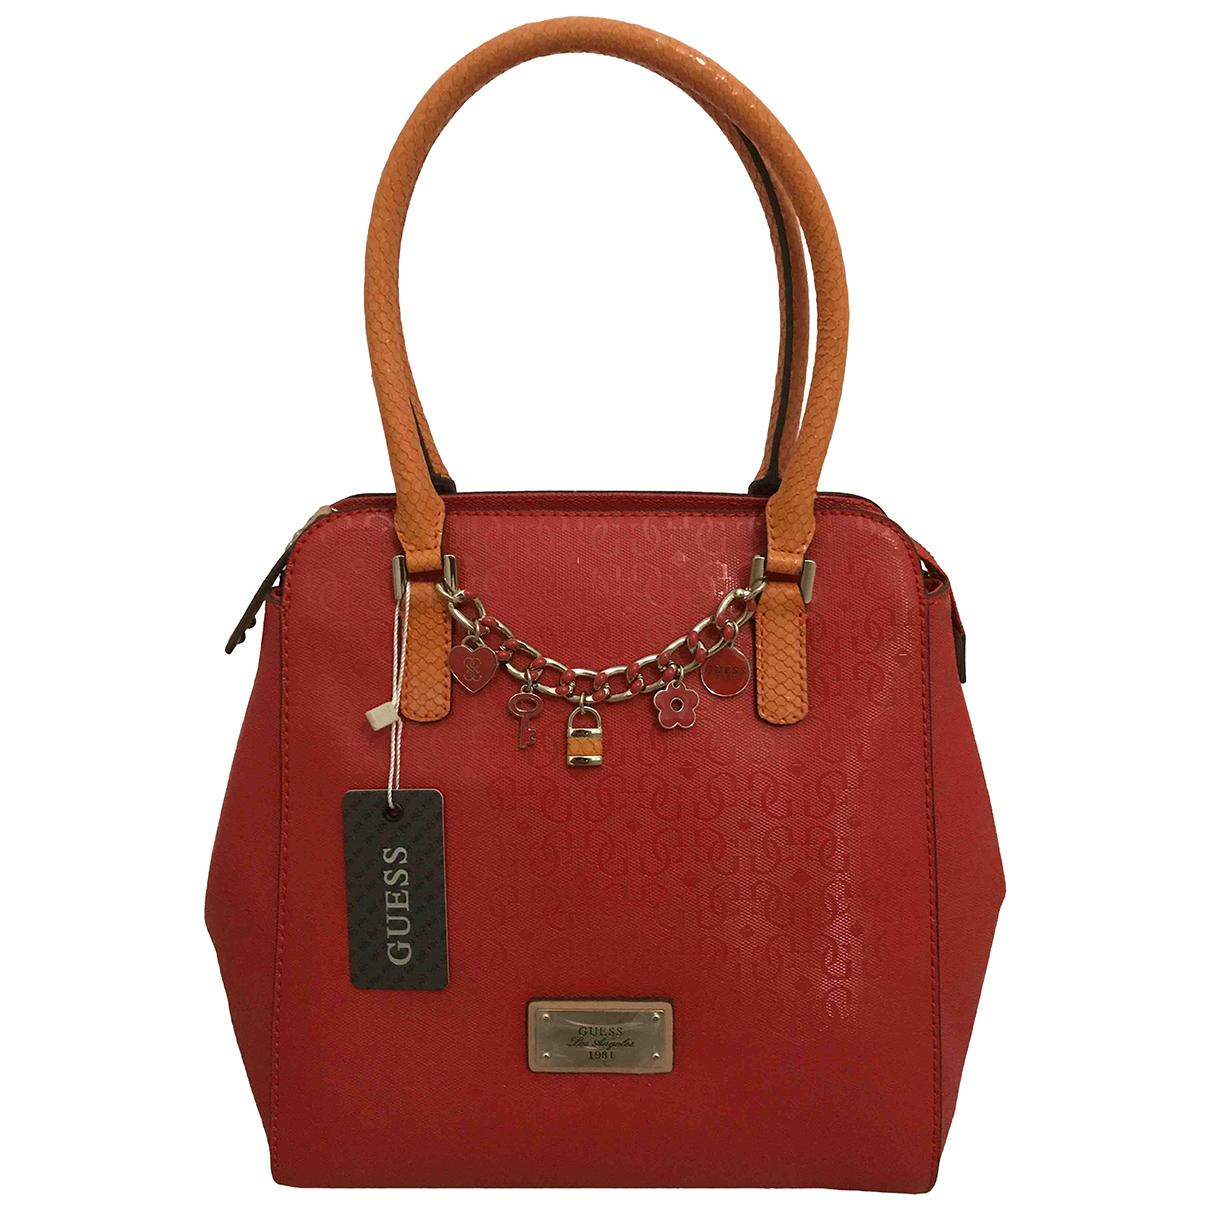 Guess \N Multicolour handbag for Women \N